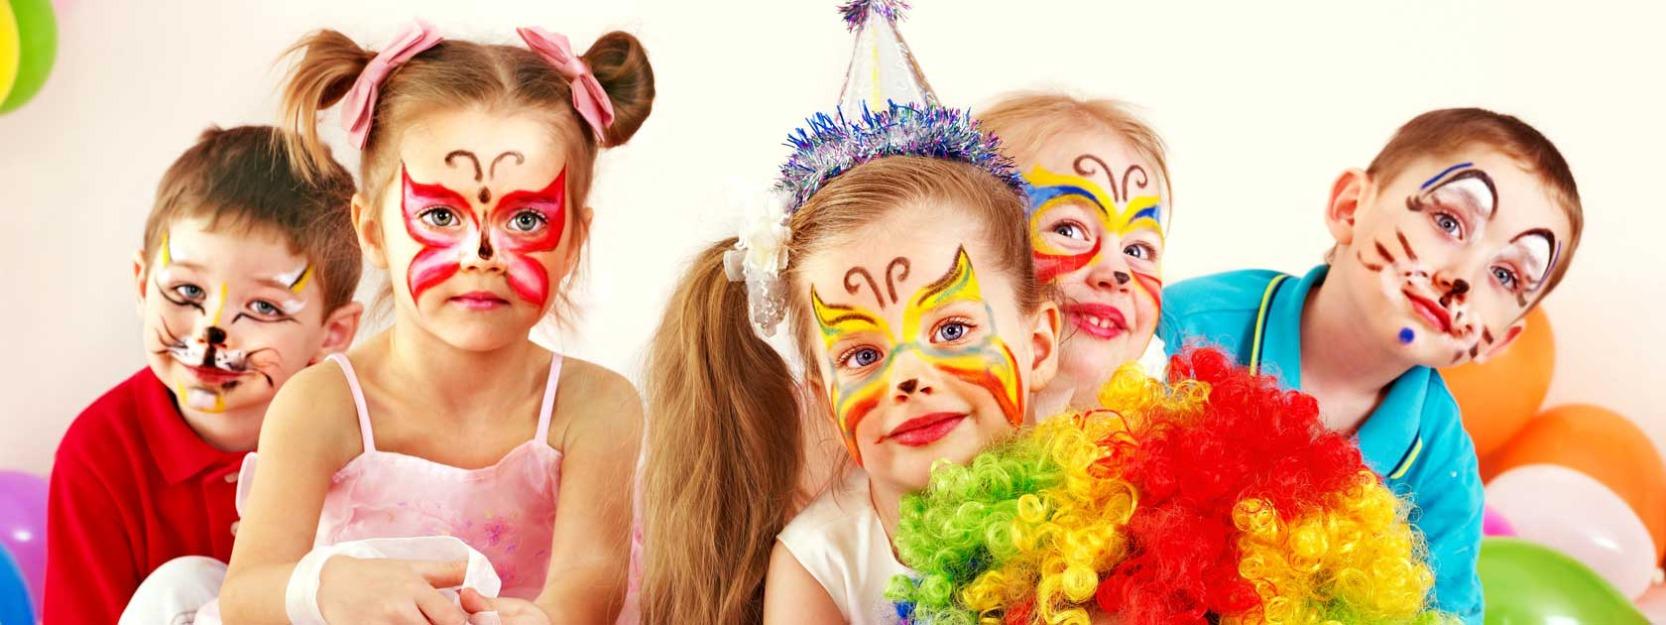 1365328646_499314669_5-Animazione-eventi-e-feste-per-bambini-Lombardia.jpg